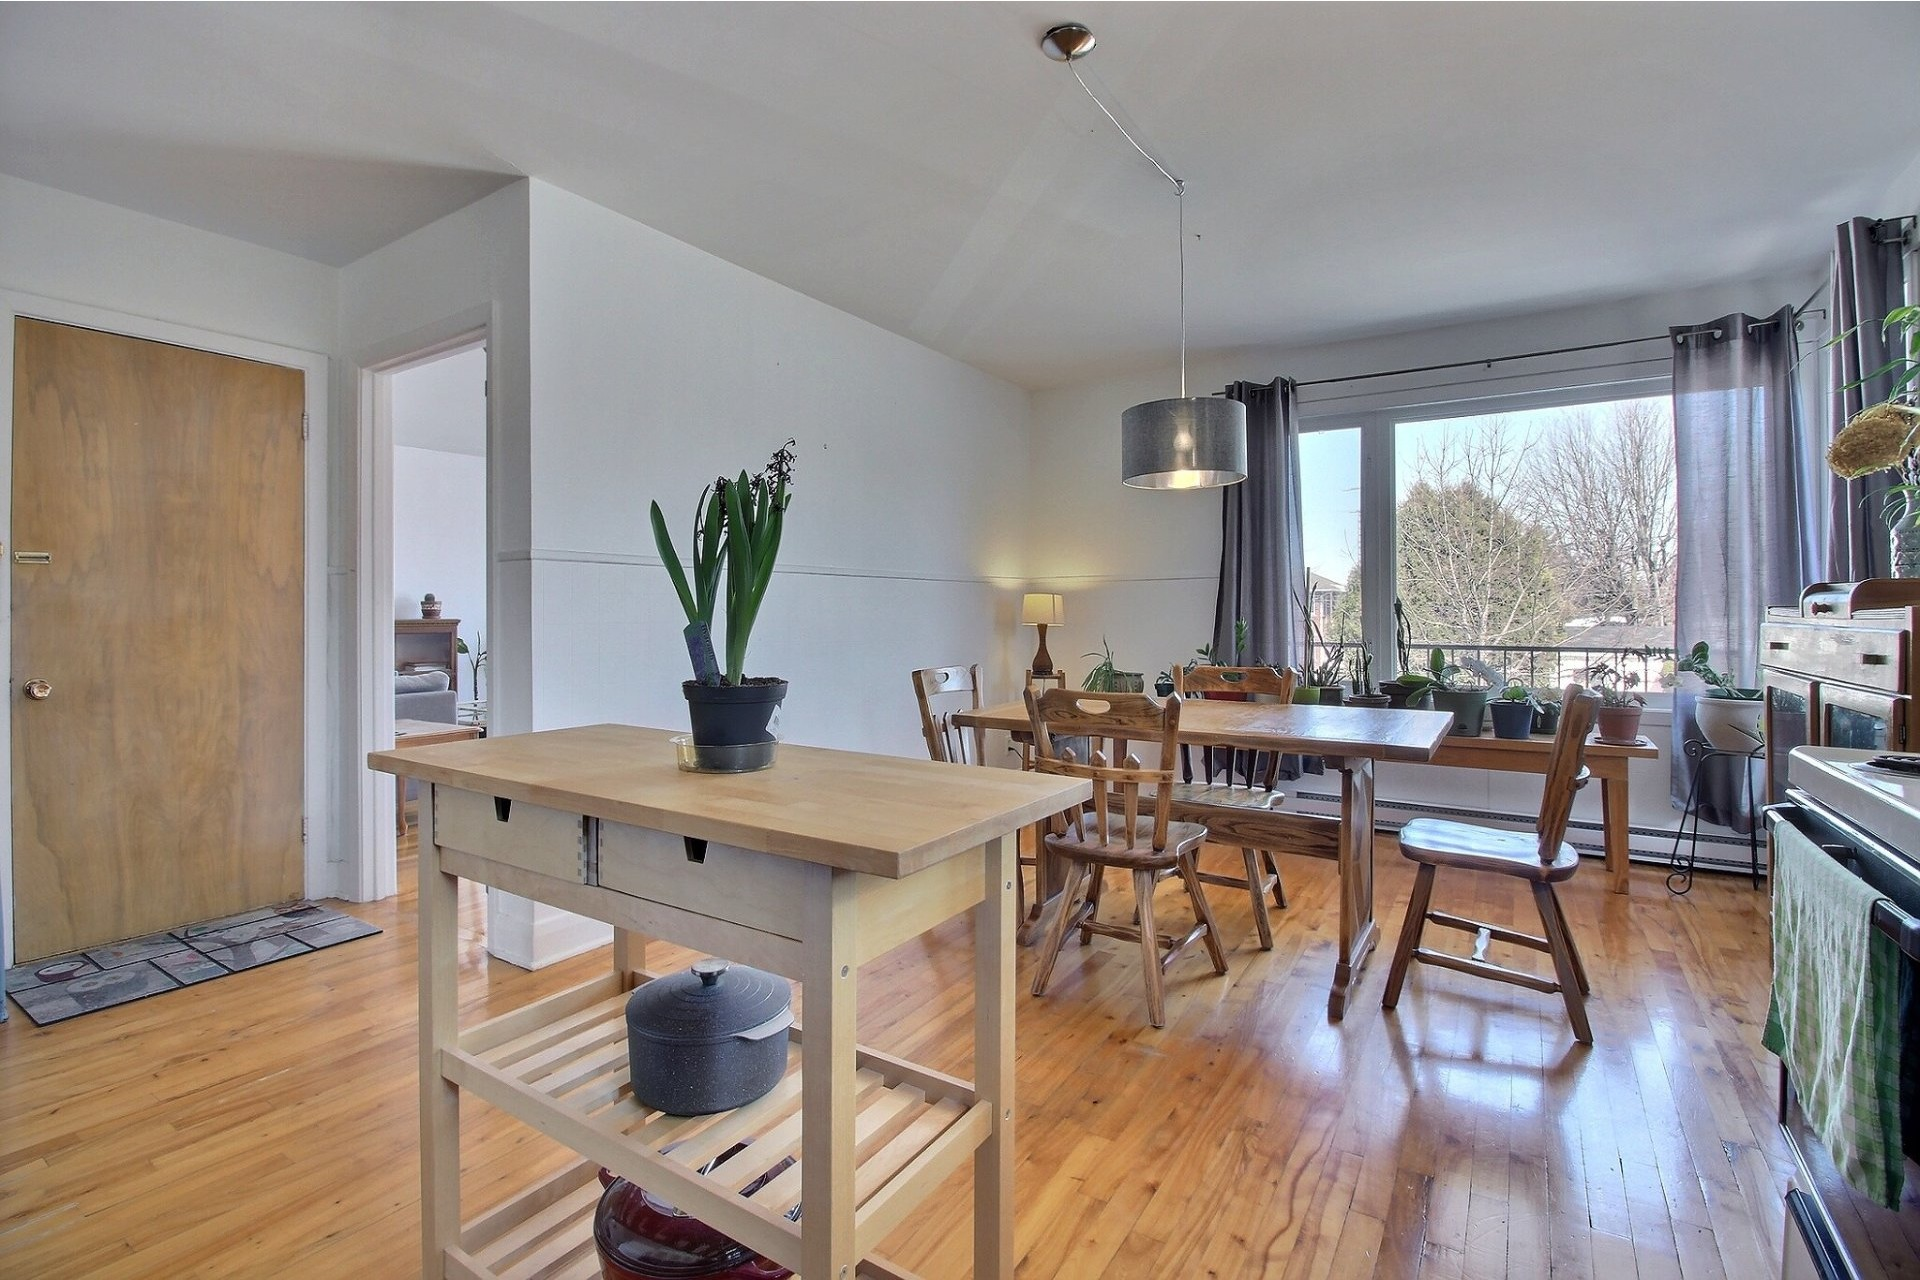 image 5 - Duplex For sale Joliette - 5 rooms